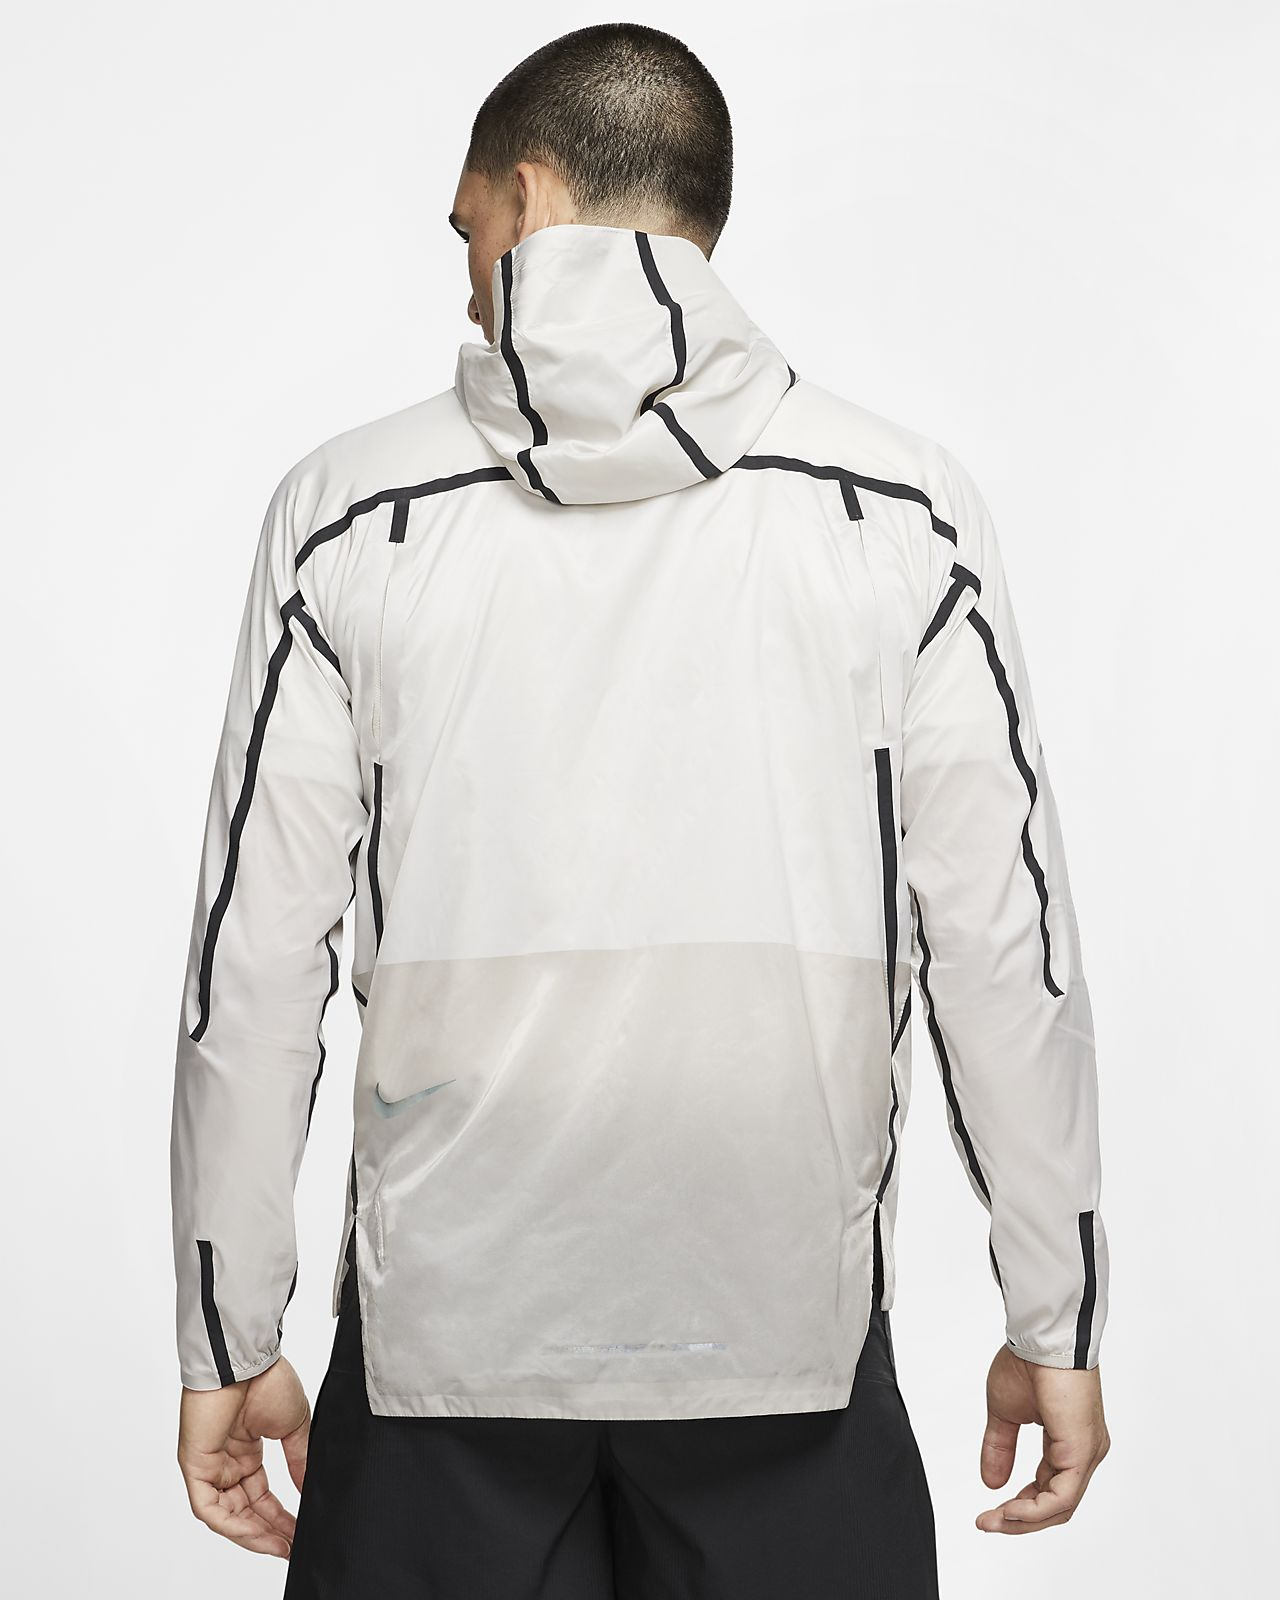 Veste de running Nike Tech Pack pour Homme